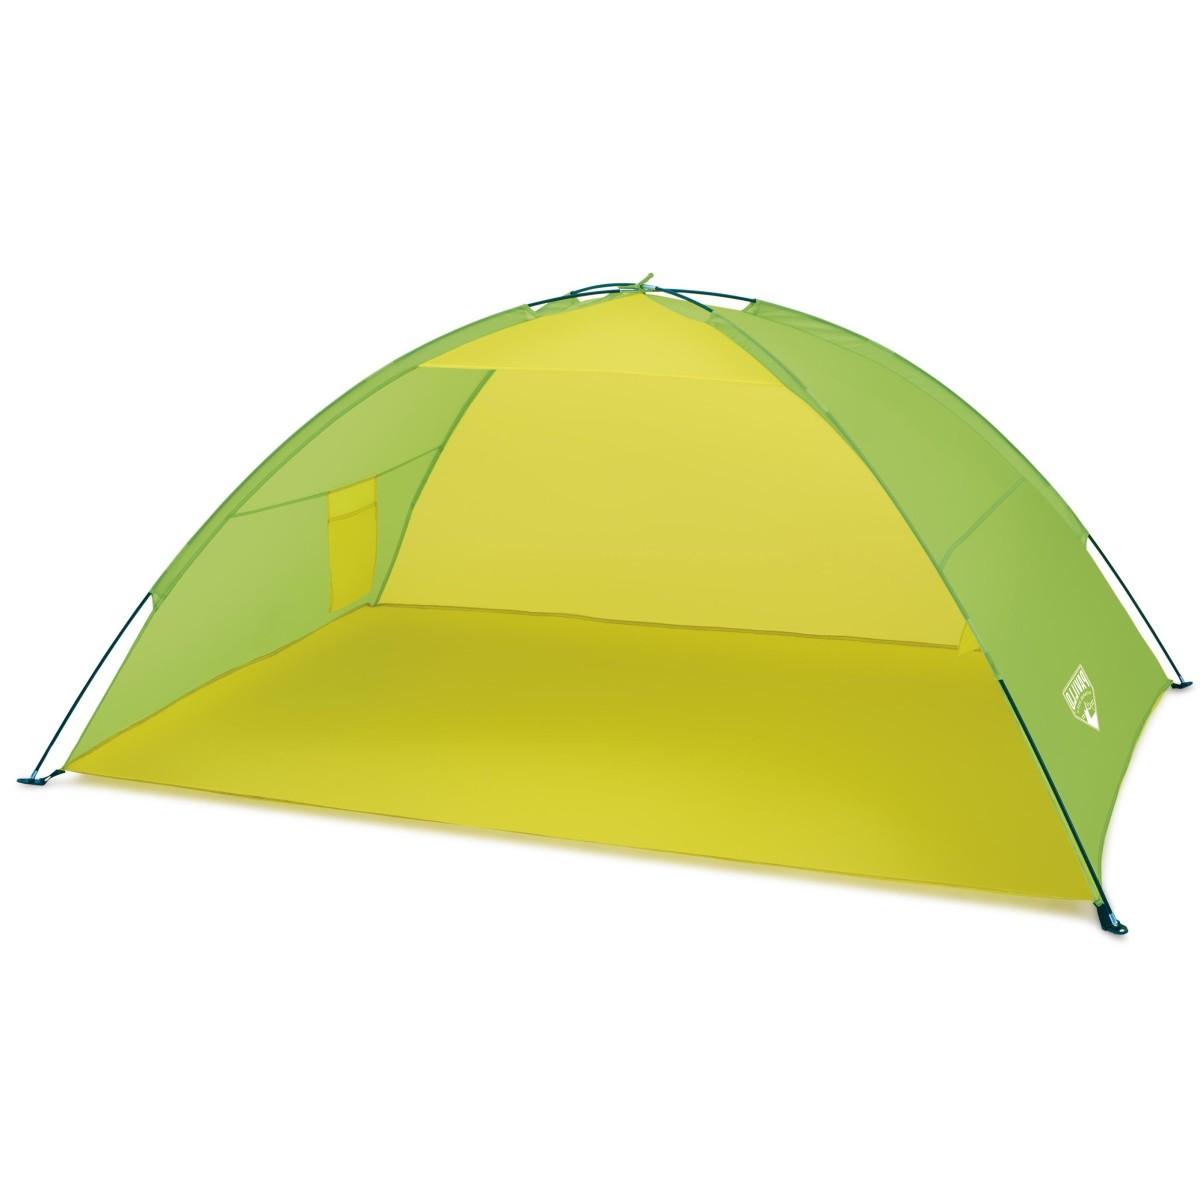 Палатка пляжная 200x130x90 см